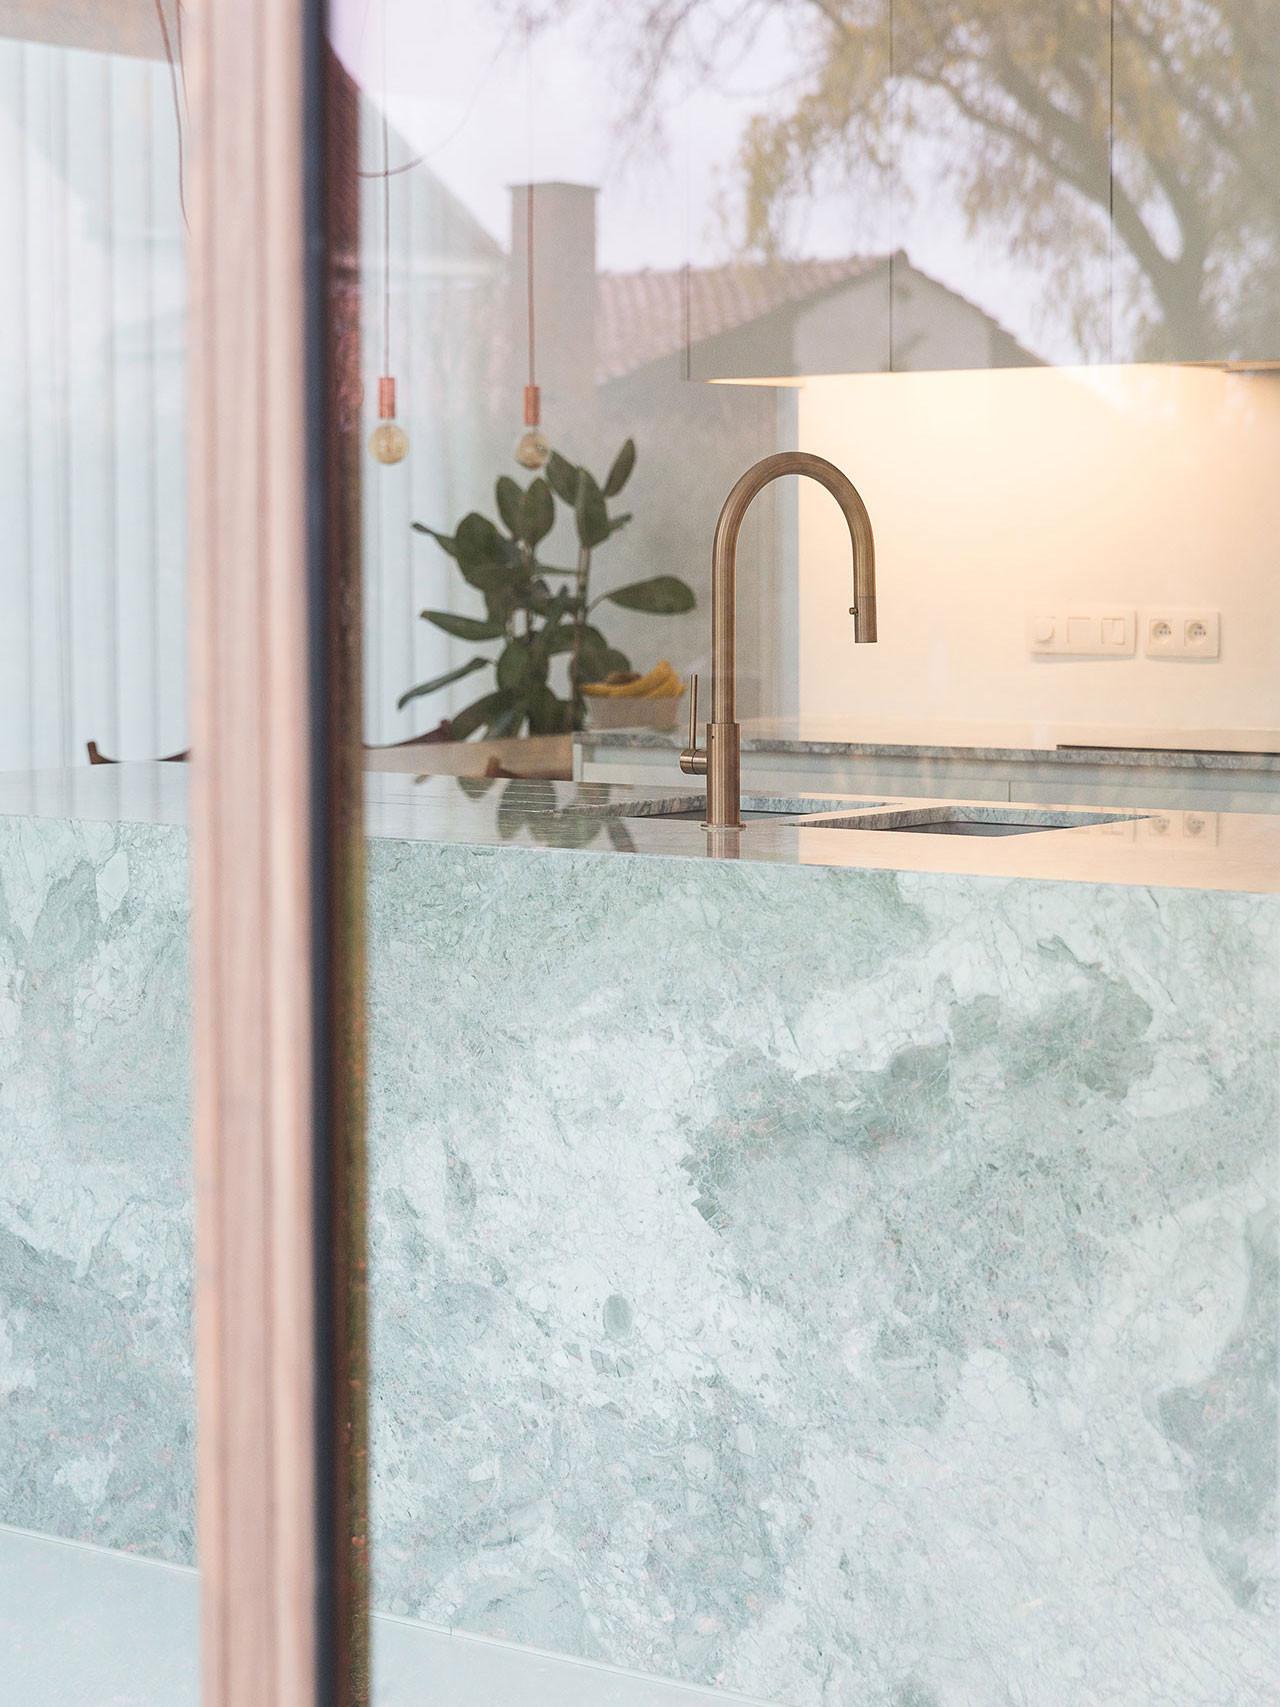 Dekeyzer-hedendaagse-keuken-realisatie-Gent-natuursteen-8.jpg